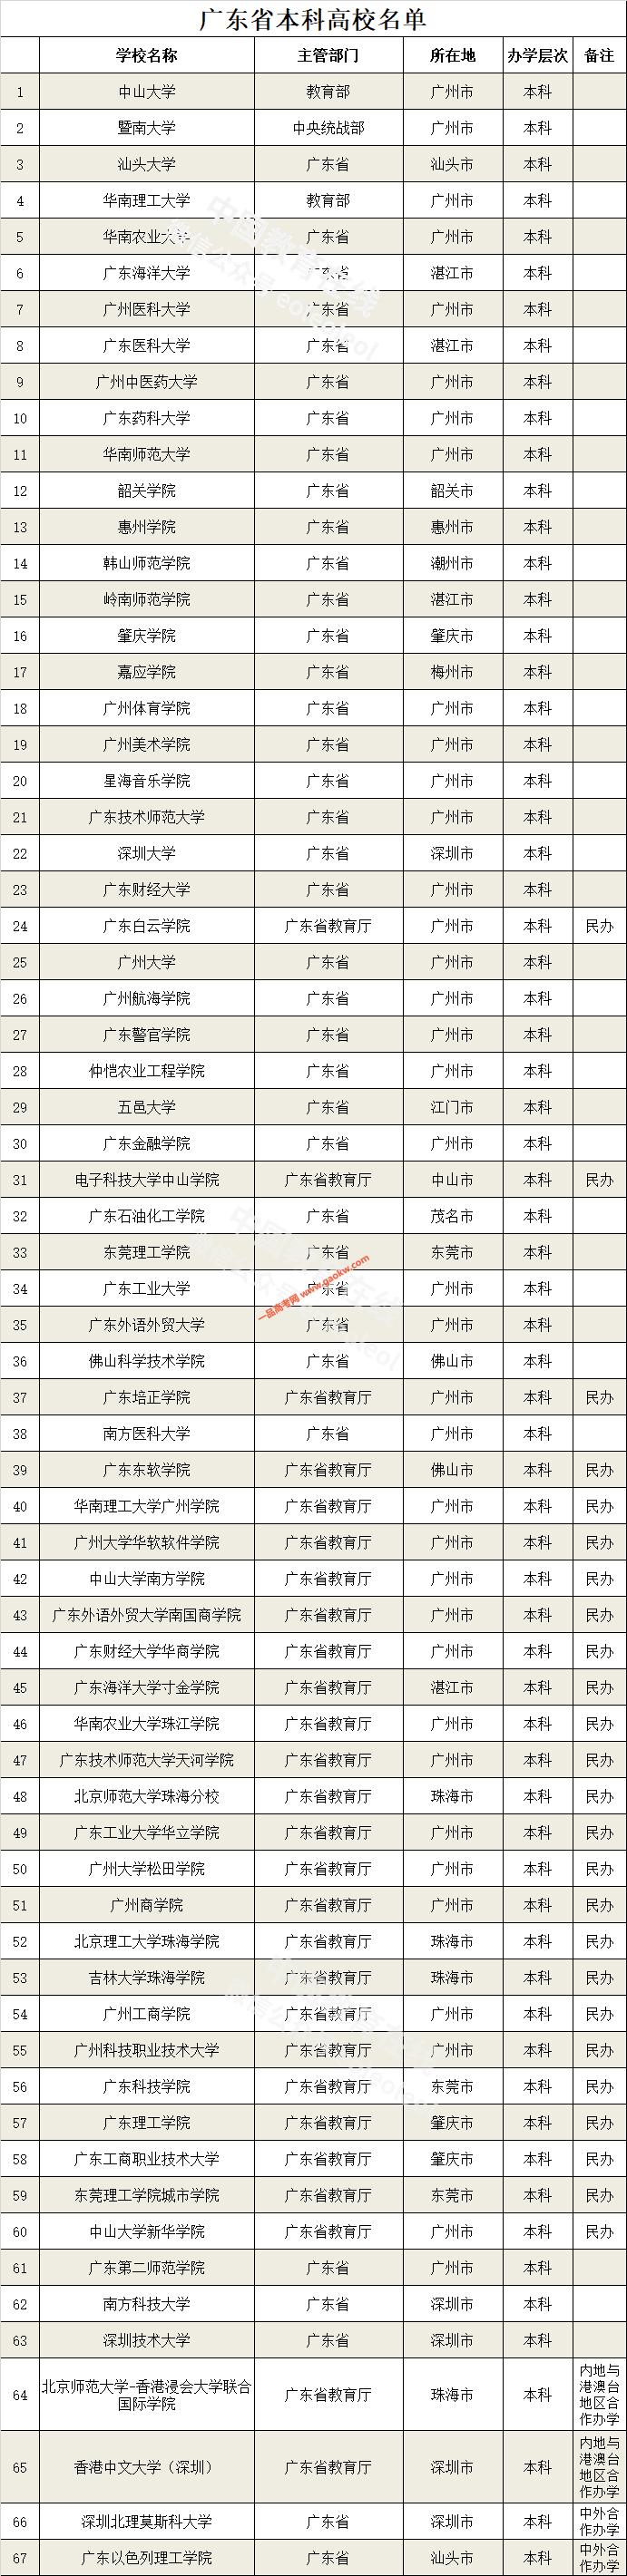 广东高校名单